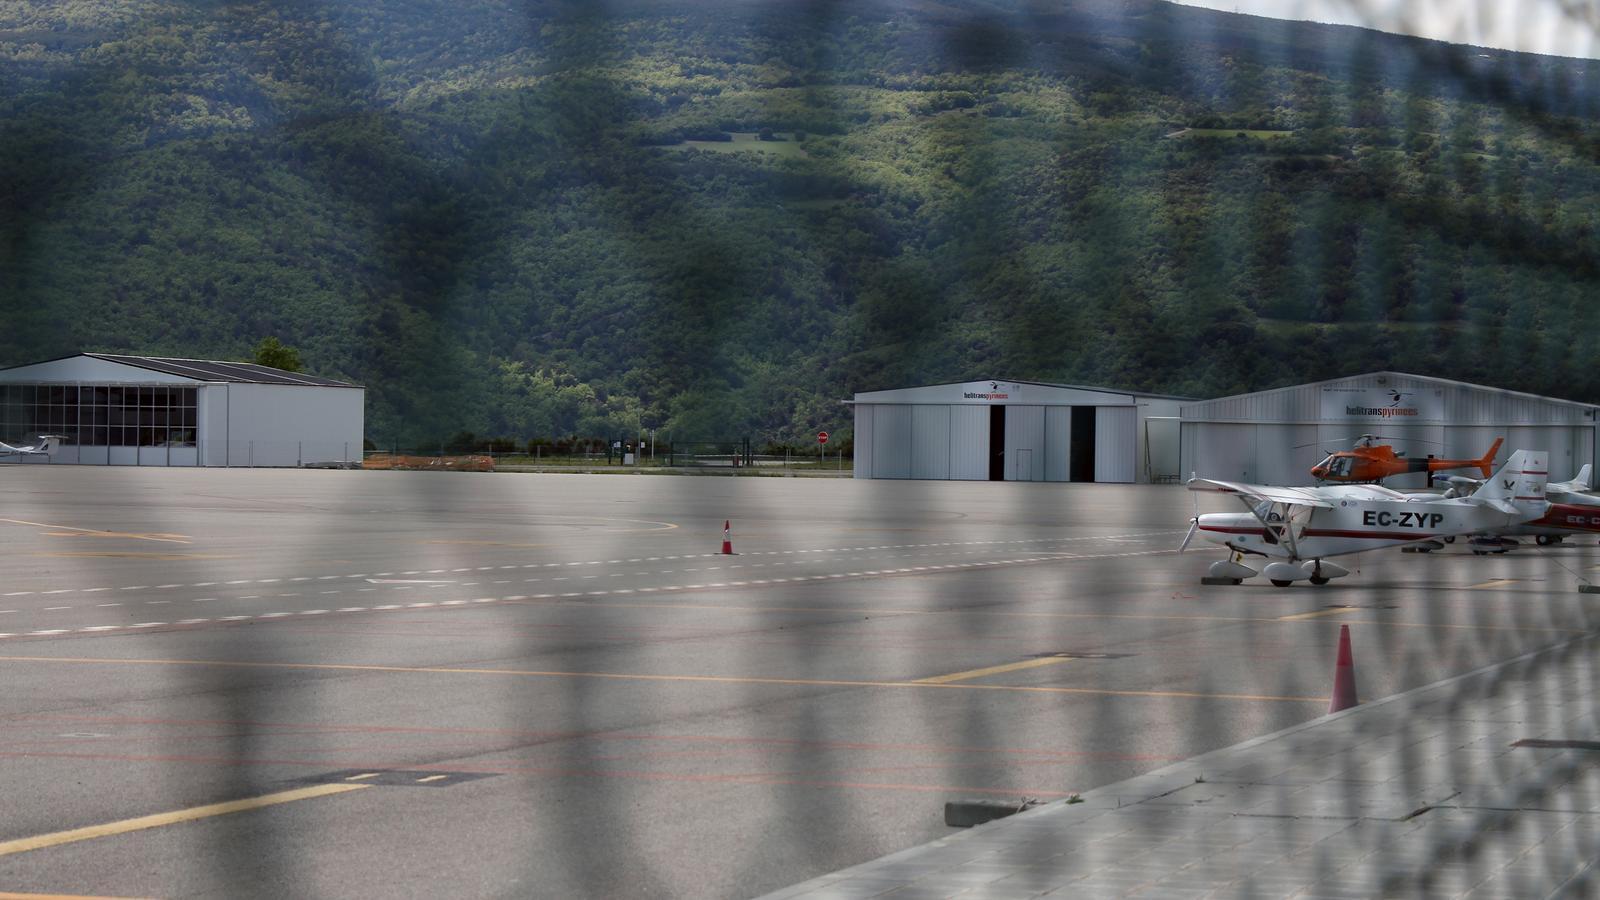 Una avioneta a l'aeroport d'Andorra-La Seu, en una imatge d'arxiu. / M. M. (ANA)